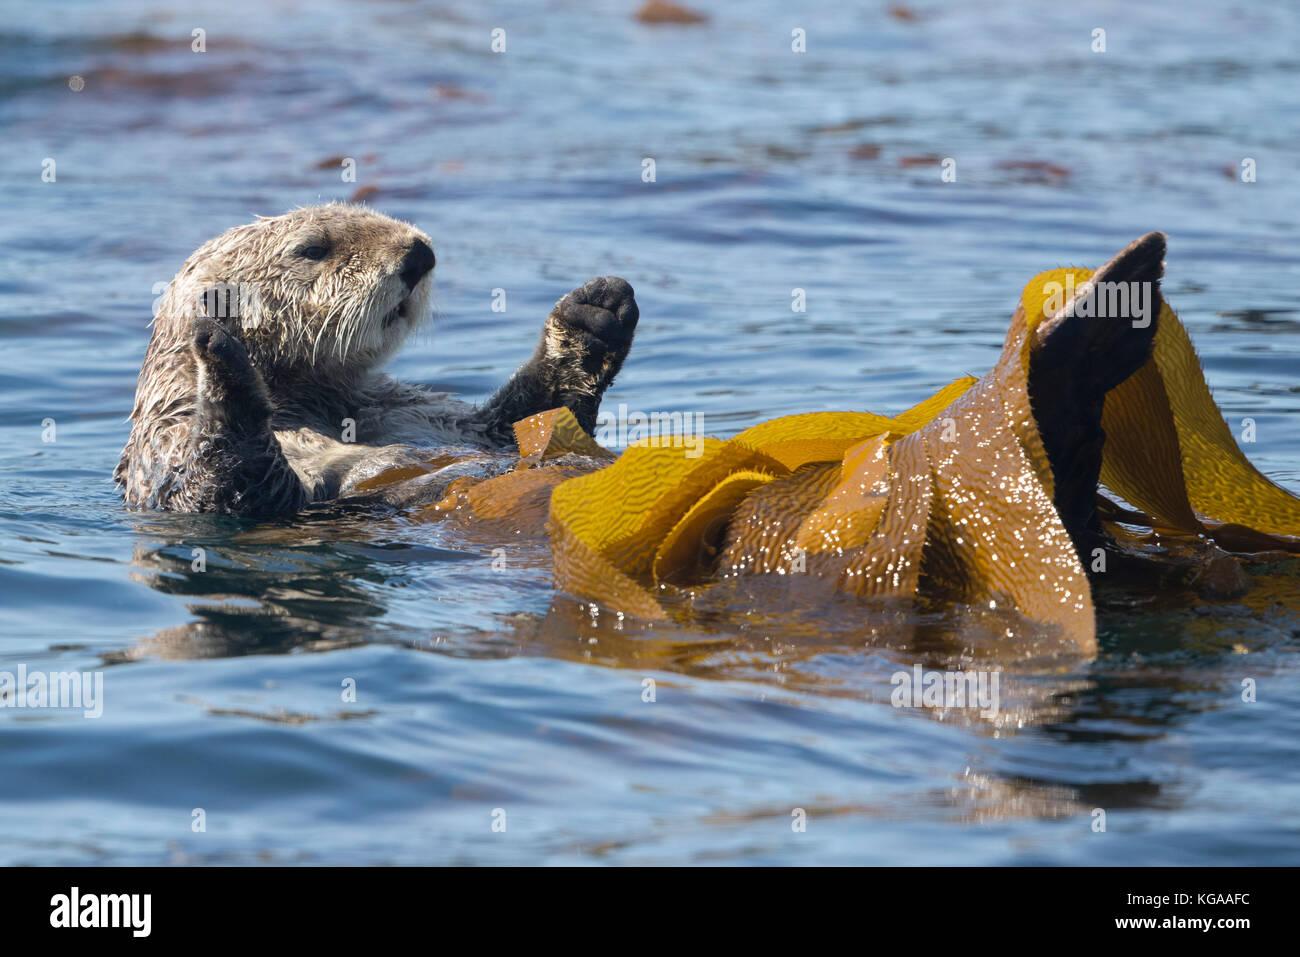 Sea Otter rolling in kelp, Alaska - Stock Image